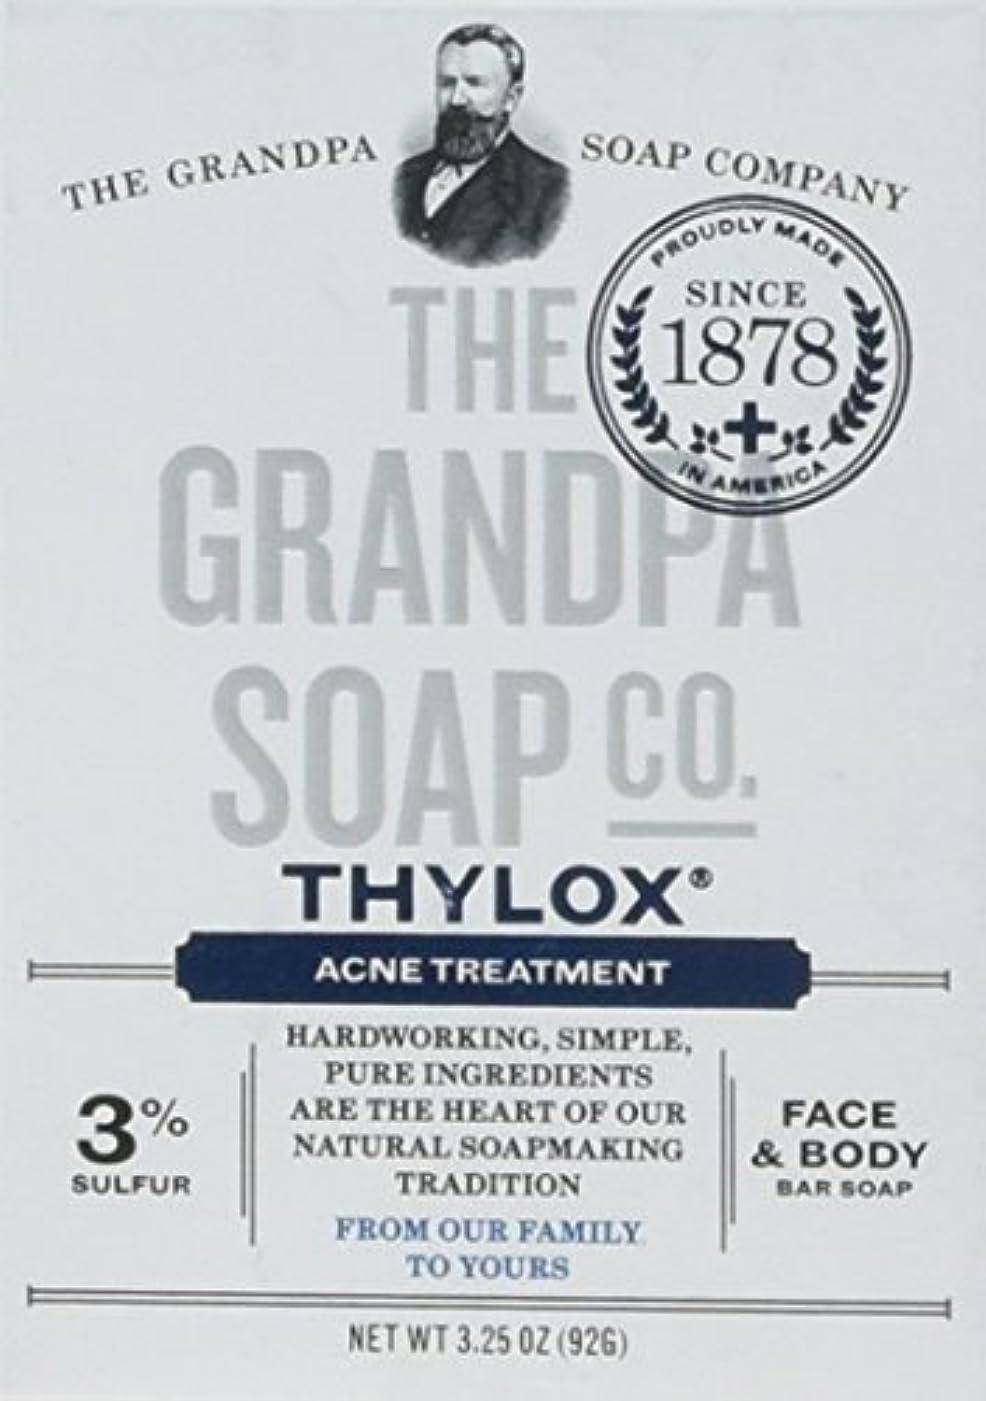 人気の有益エクステントThe Grandpa Soap Company おじいちゃんのSOAP、THYLOXにきびTRTMNT、3.25 OZ、6パック